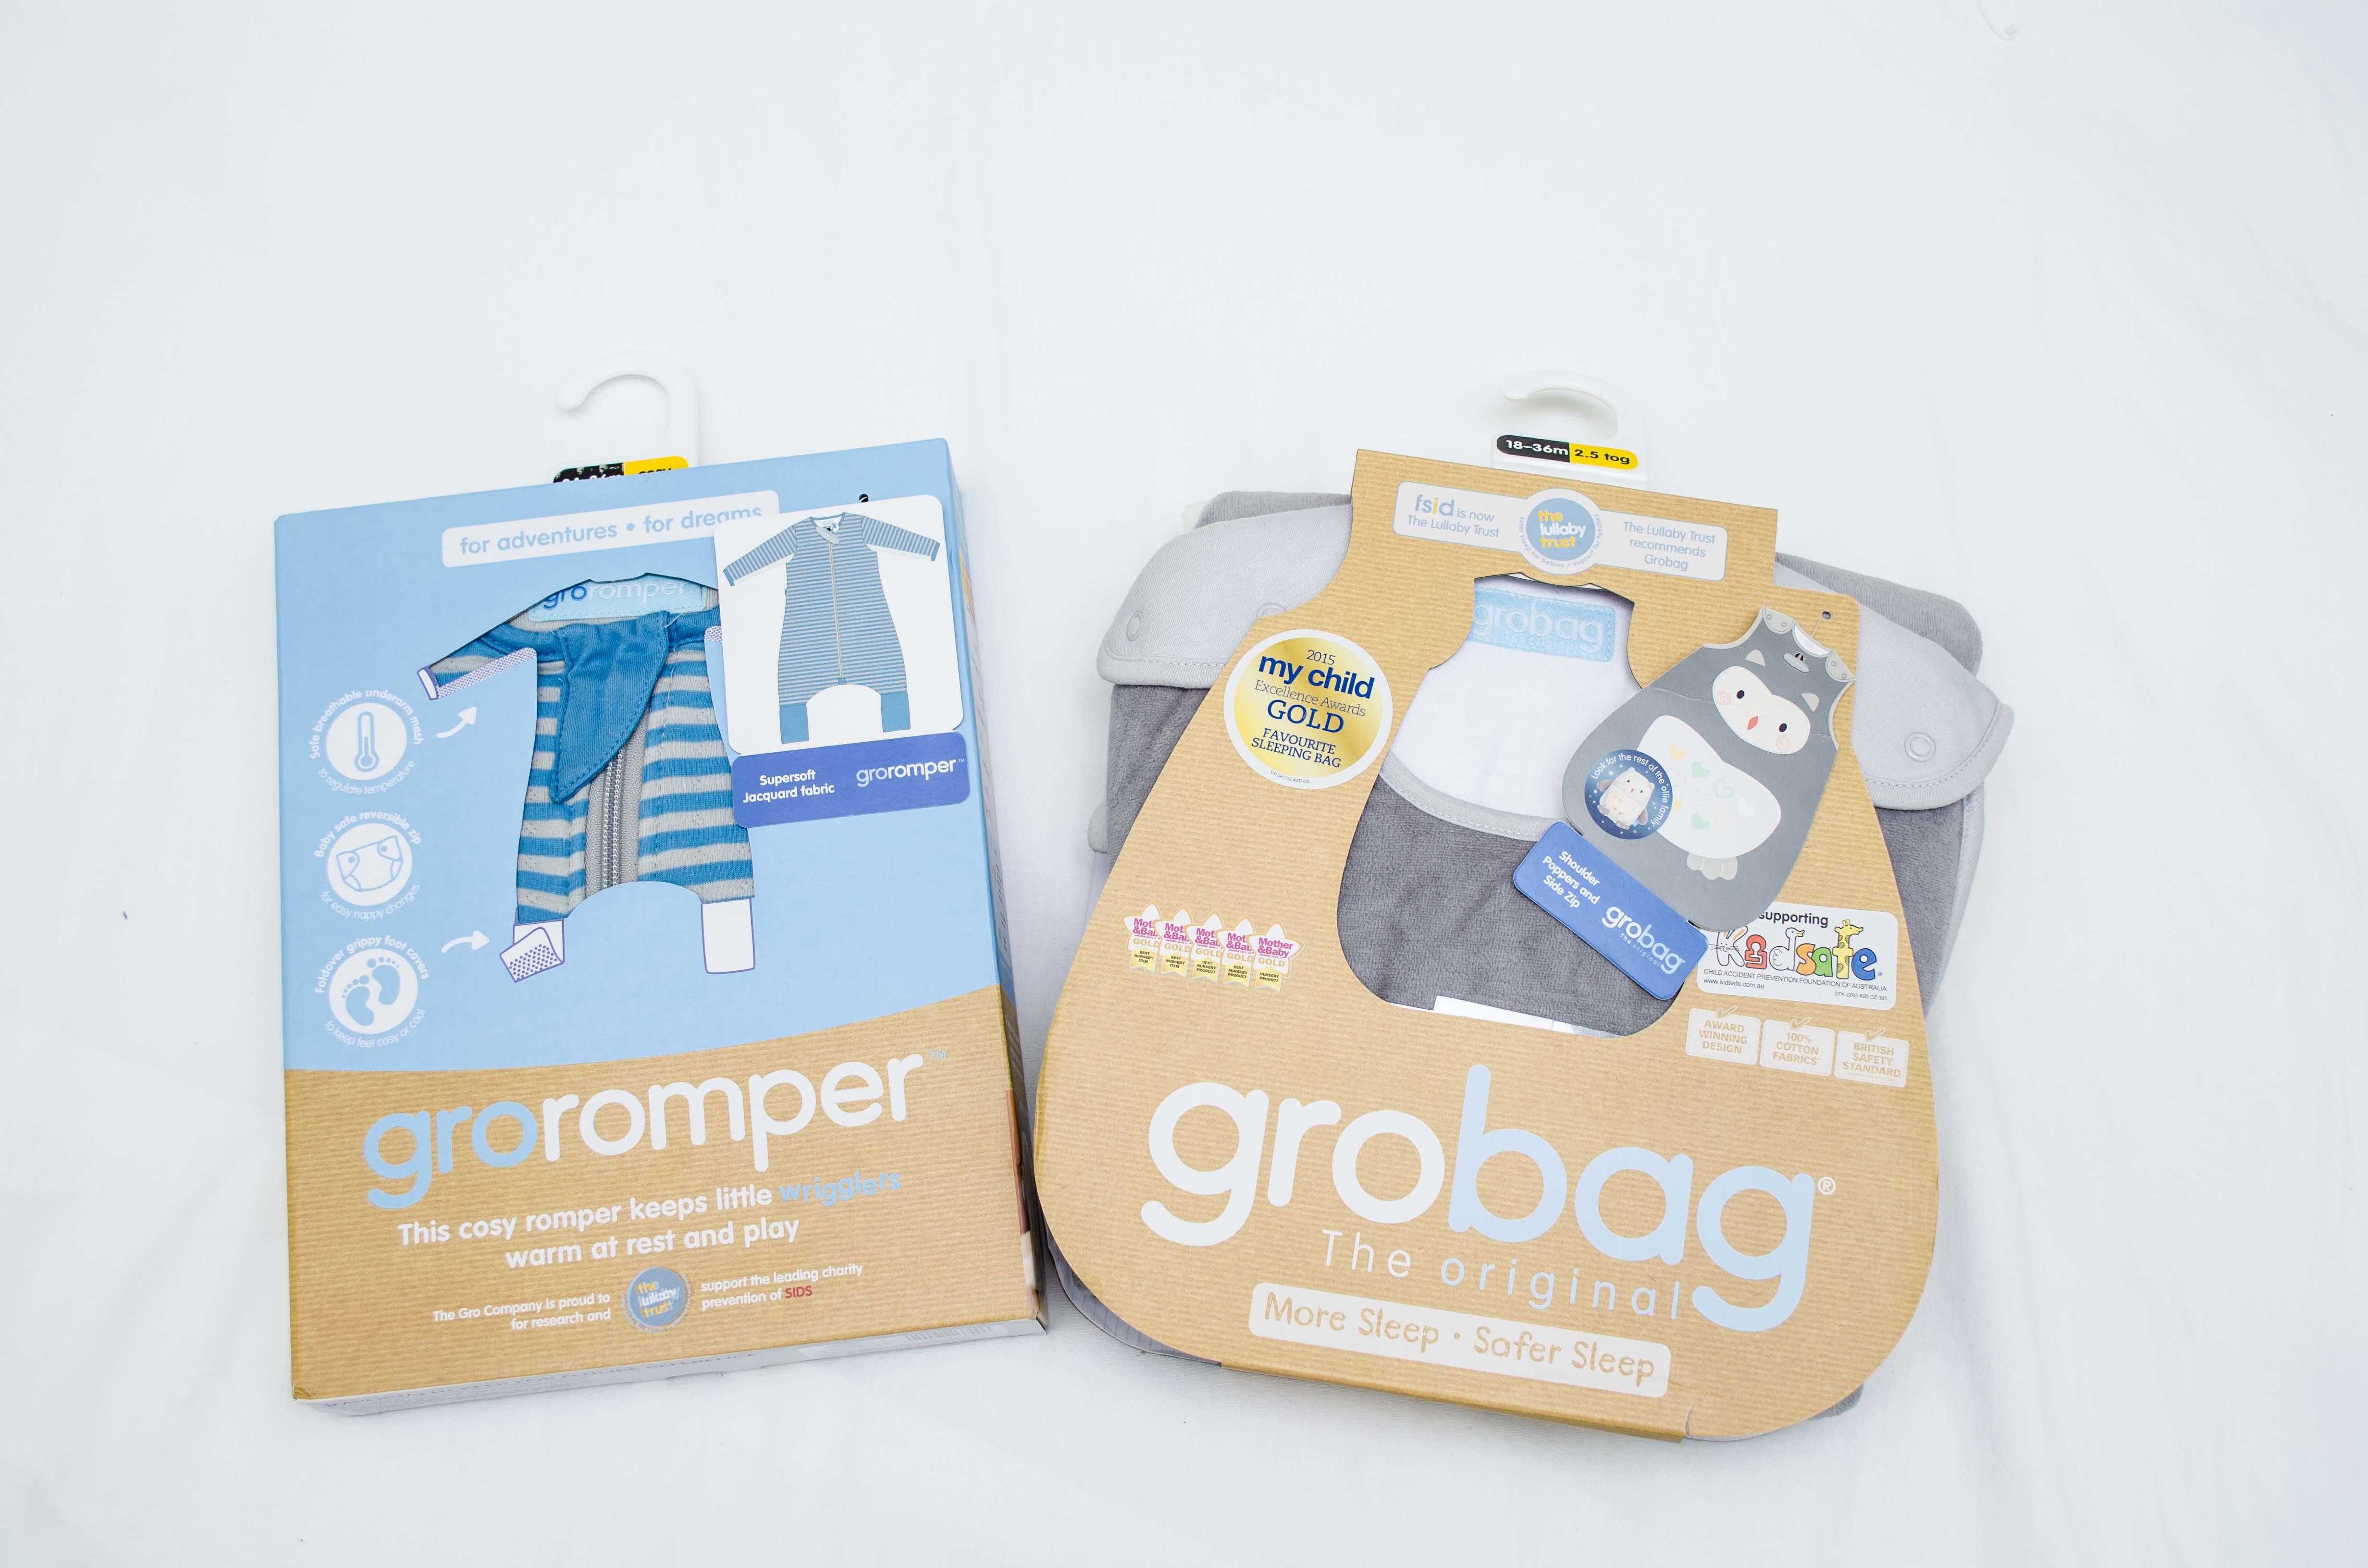 Winter Grobag and Groromper